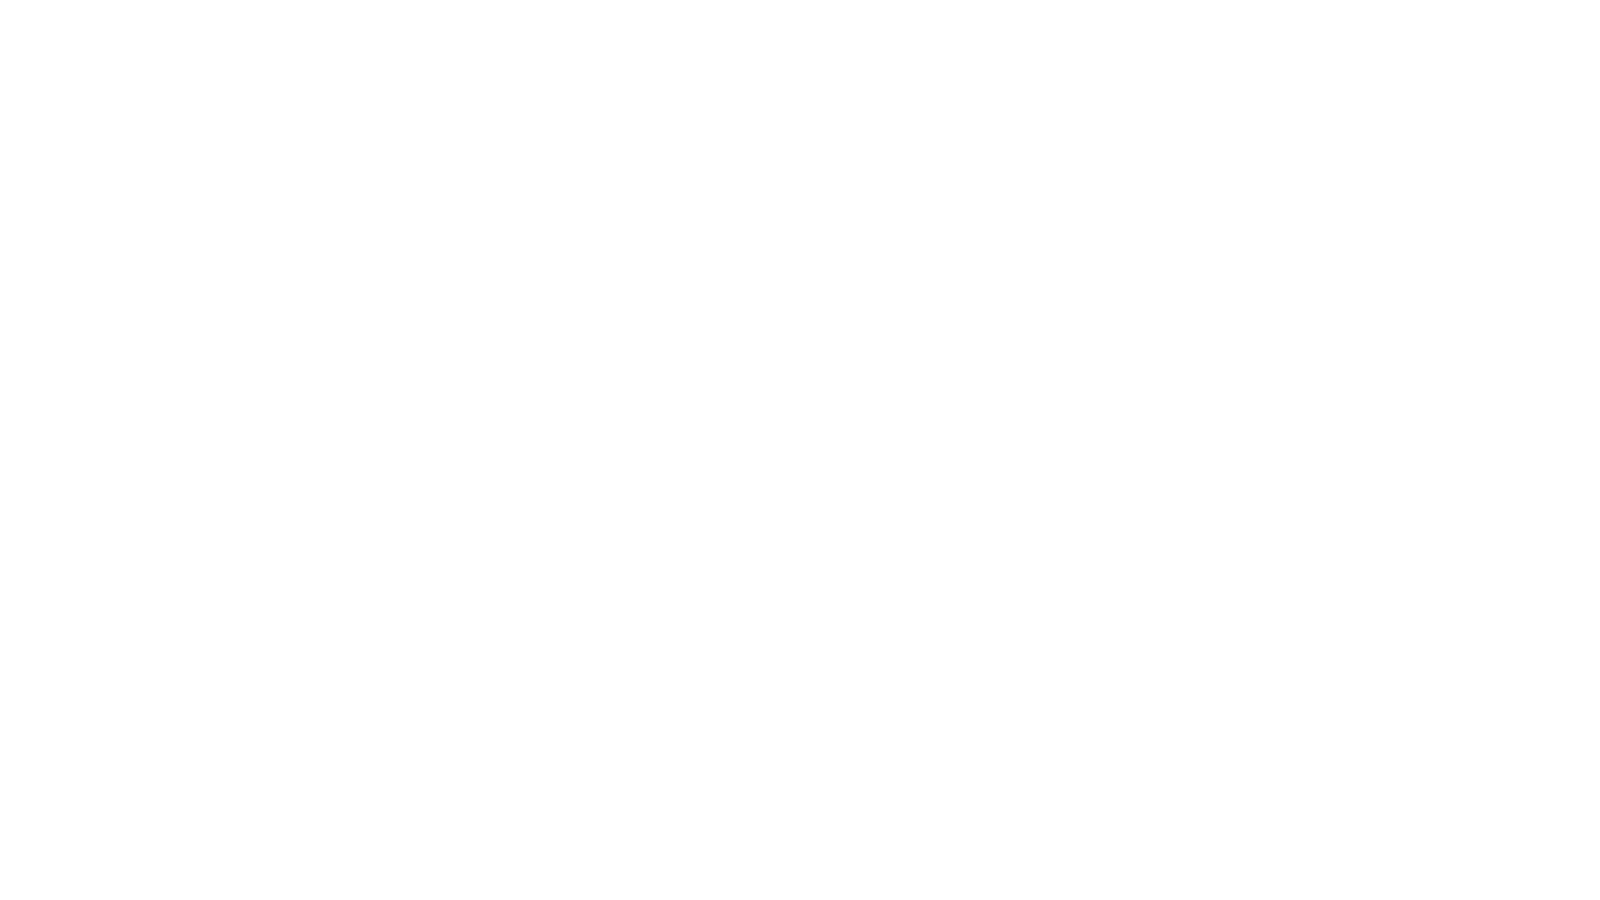 """Müzeciler Sahne Arkasını Anlatıyor adlı konuşma dizisinde, 10 Ocak 2018 tarihinde gerçekleştirdiğimiz toplantıda Sakıp Sabancı Müzesi digitalSSM Arşiv ve Araştırma Alanı Yöneticisi Sn. Osman Serhat Karaman'ı konuk ettik. """"Arşiv Yönetimi ve Kullanımı"""" konulu sunumu ve katkılarından dolayı Sn. Osman Serhat Karaman'a teşekkürlerimizi sunarız."""